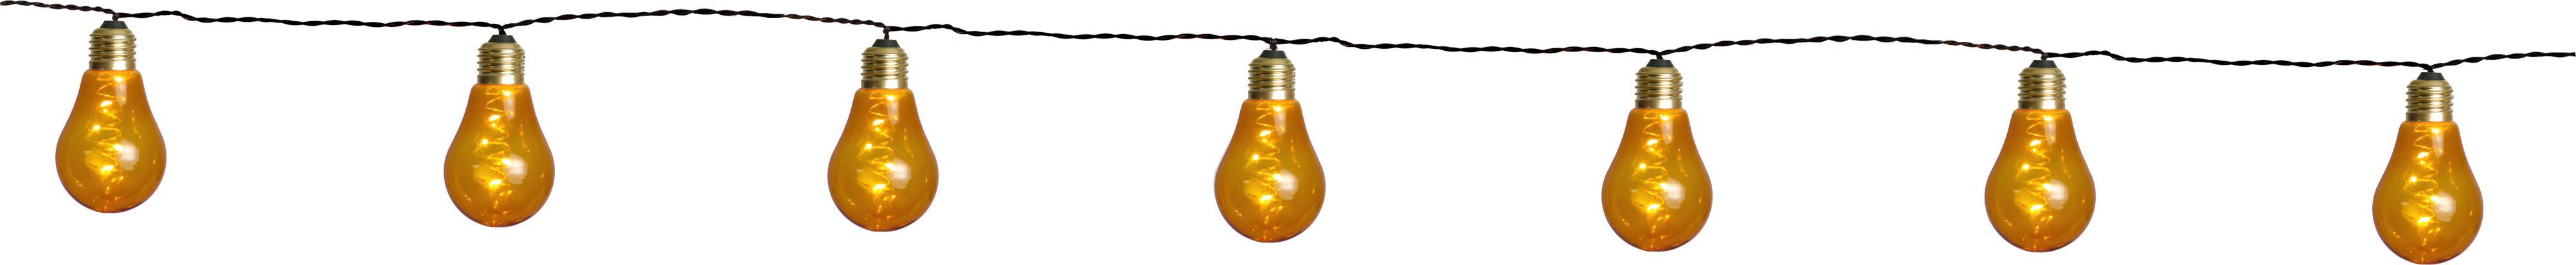 LED Lichterkette Bulb, 360 cm, Leuchtmittel: Bernstein, Goldfarben<br>Kabel: Schwarz, L 360 cm